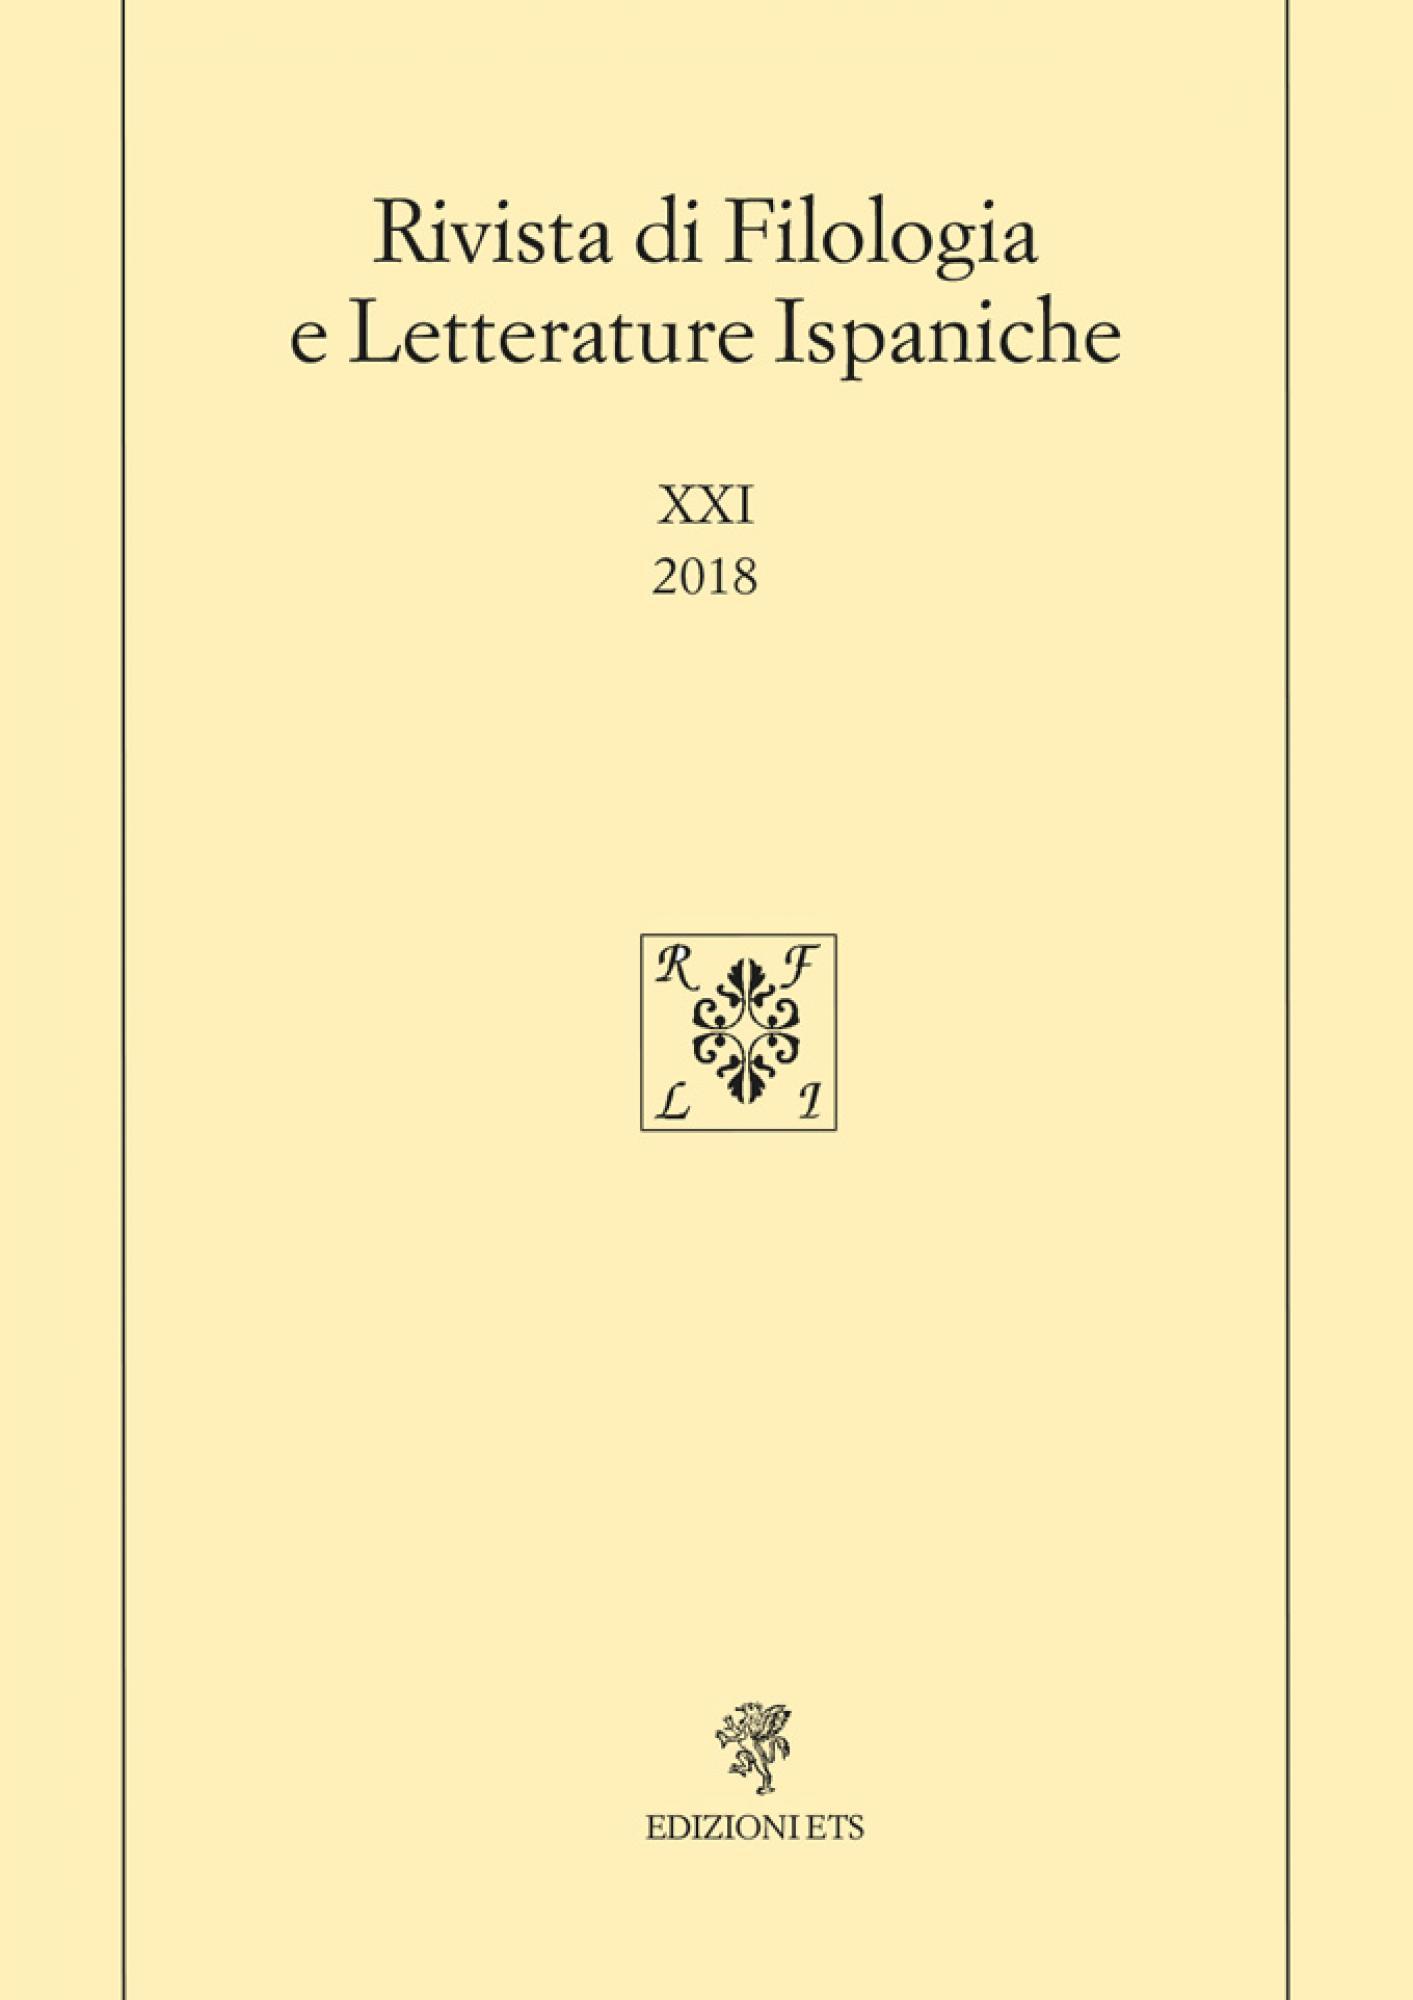 Rivista di Filologia e Letterature Ispaniche.XXI, 2018